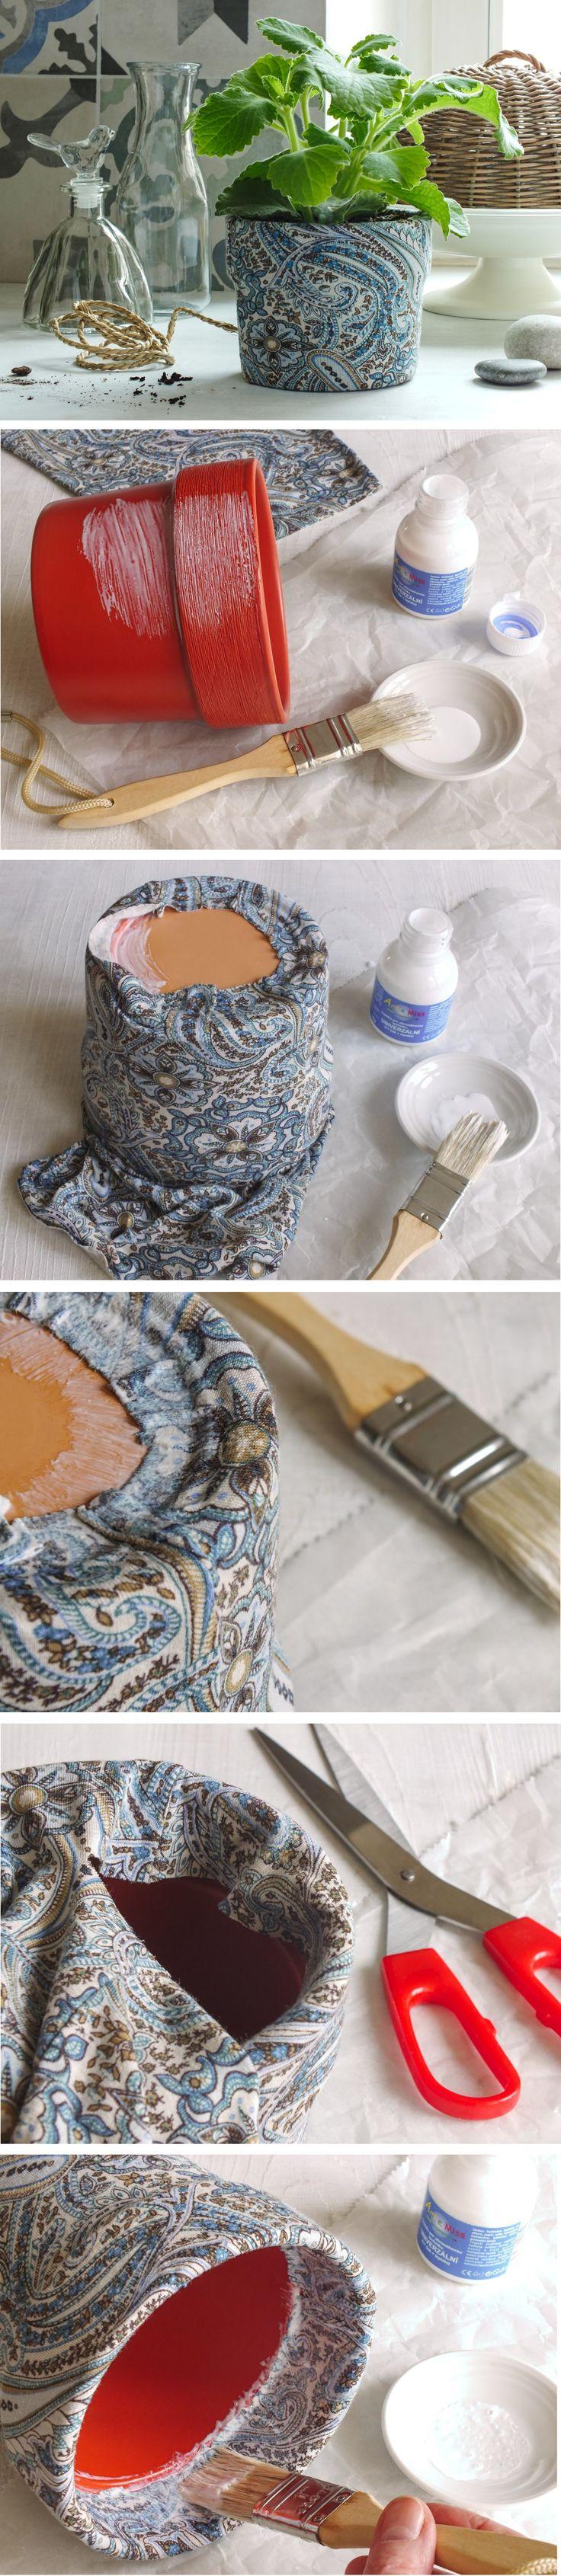 Vyrobte si květináč, který vám dokonale padne do interiéru. Stačí si vybrat látku a pustit se do potahování. Fotonávod krok za krokem pro vás máme na blogu.